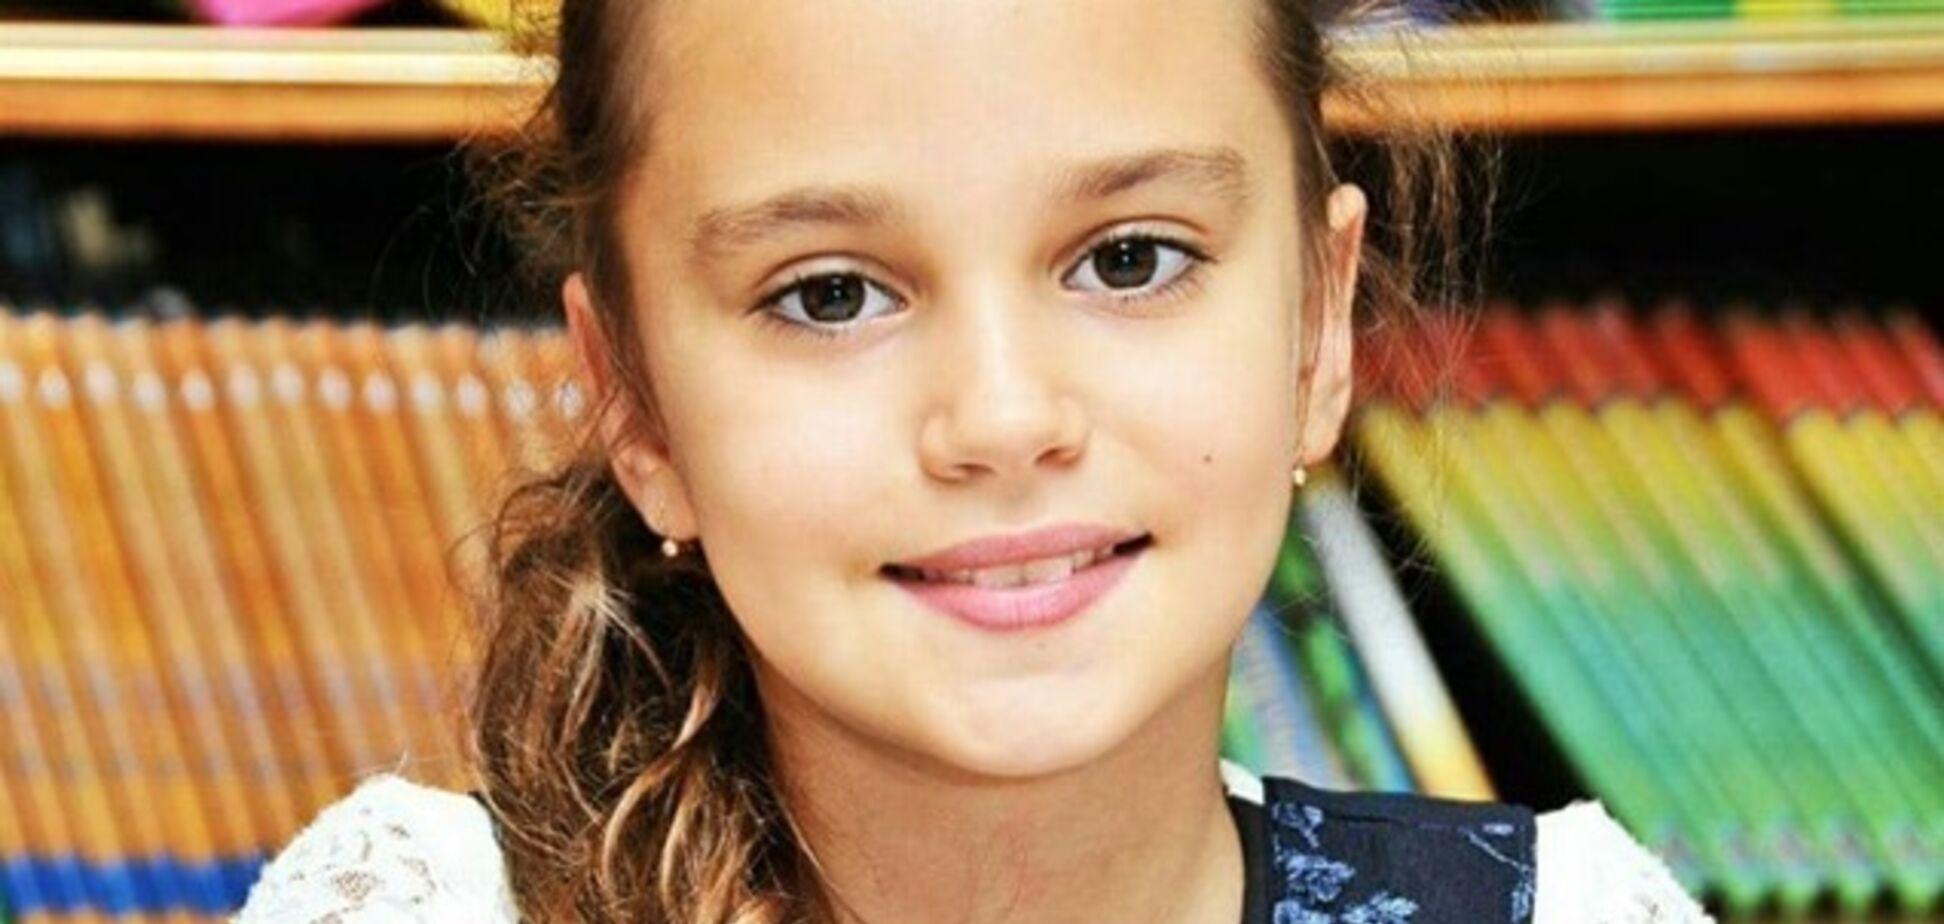 'Разорвать его на ремни!' Родители 11-летней Даши опознали тело ребенка